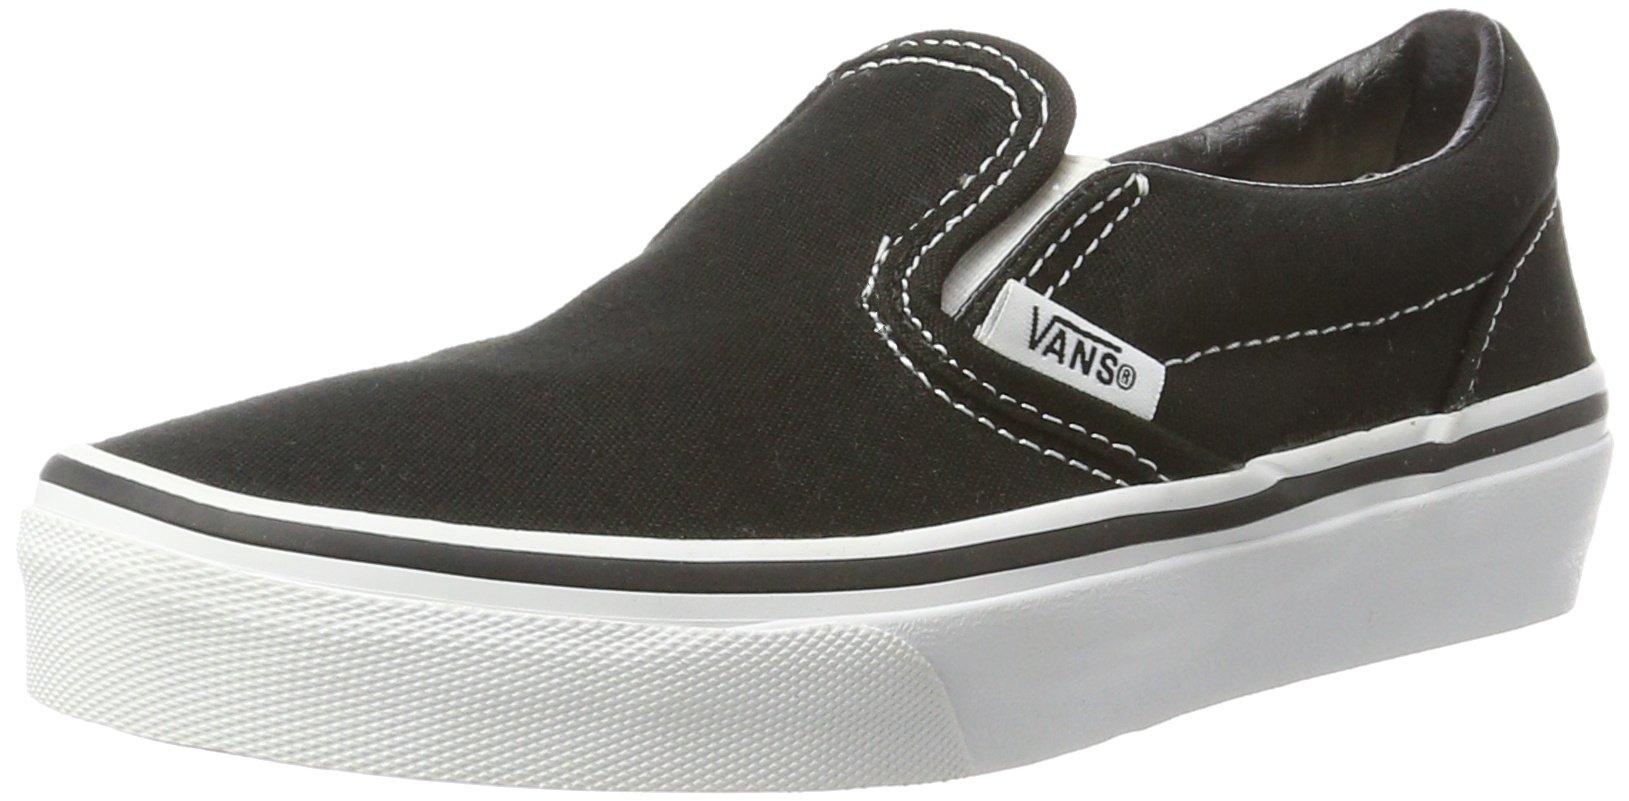 Vans Kids Classic Slip-On Black/True White 4